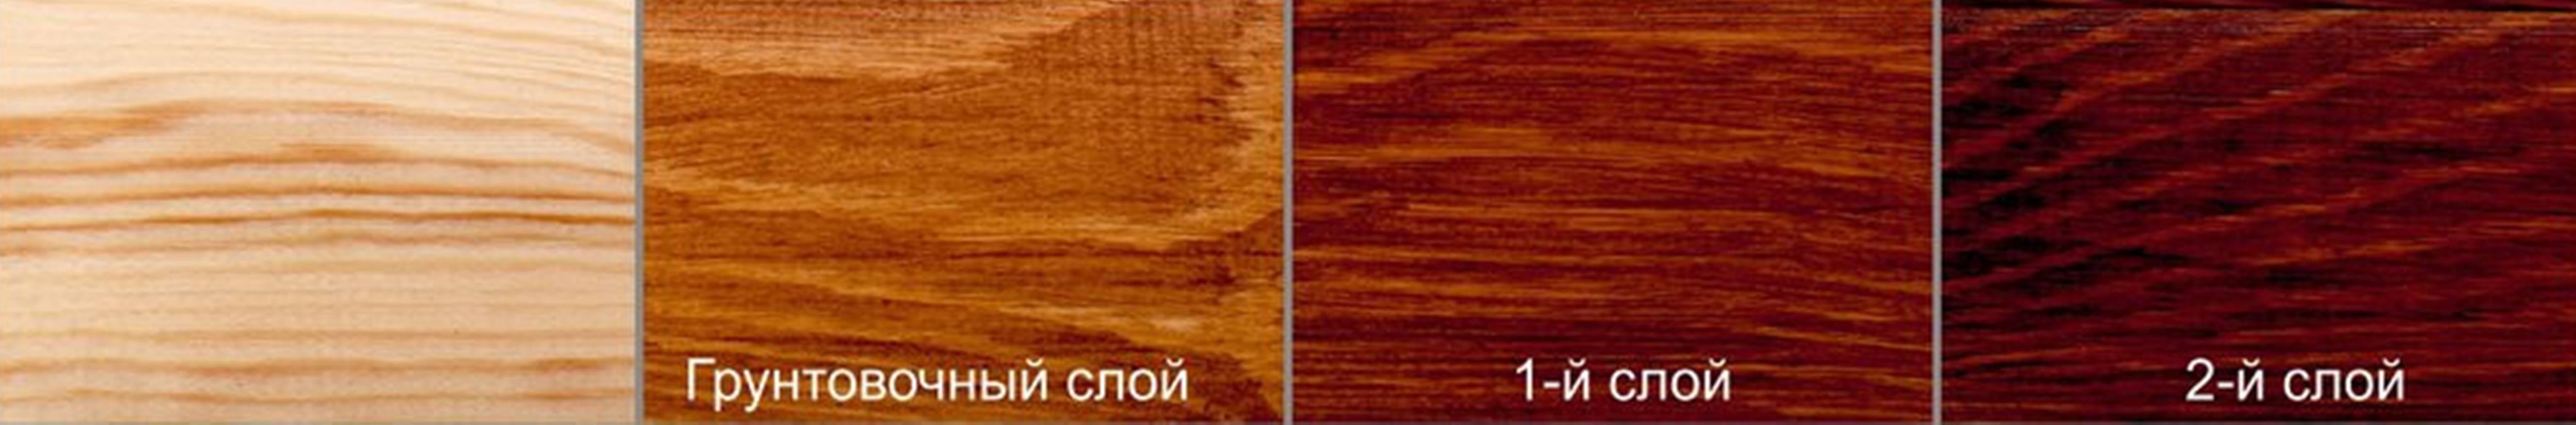 Лак tikkurila: применение kiva и unica super, яхтный состав, полуматовый и матовый лак для пола, цвета варианта paneeli assa